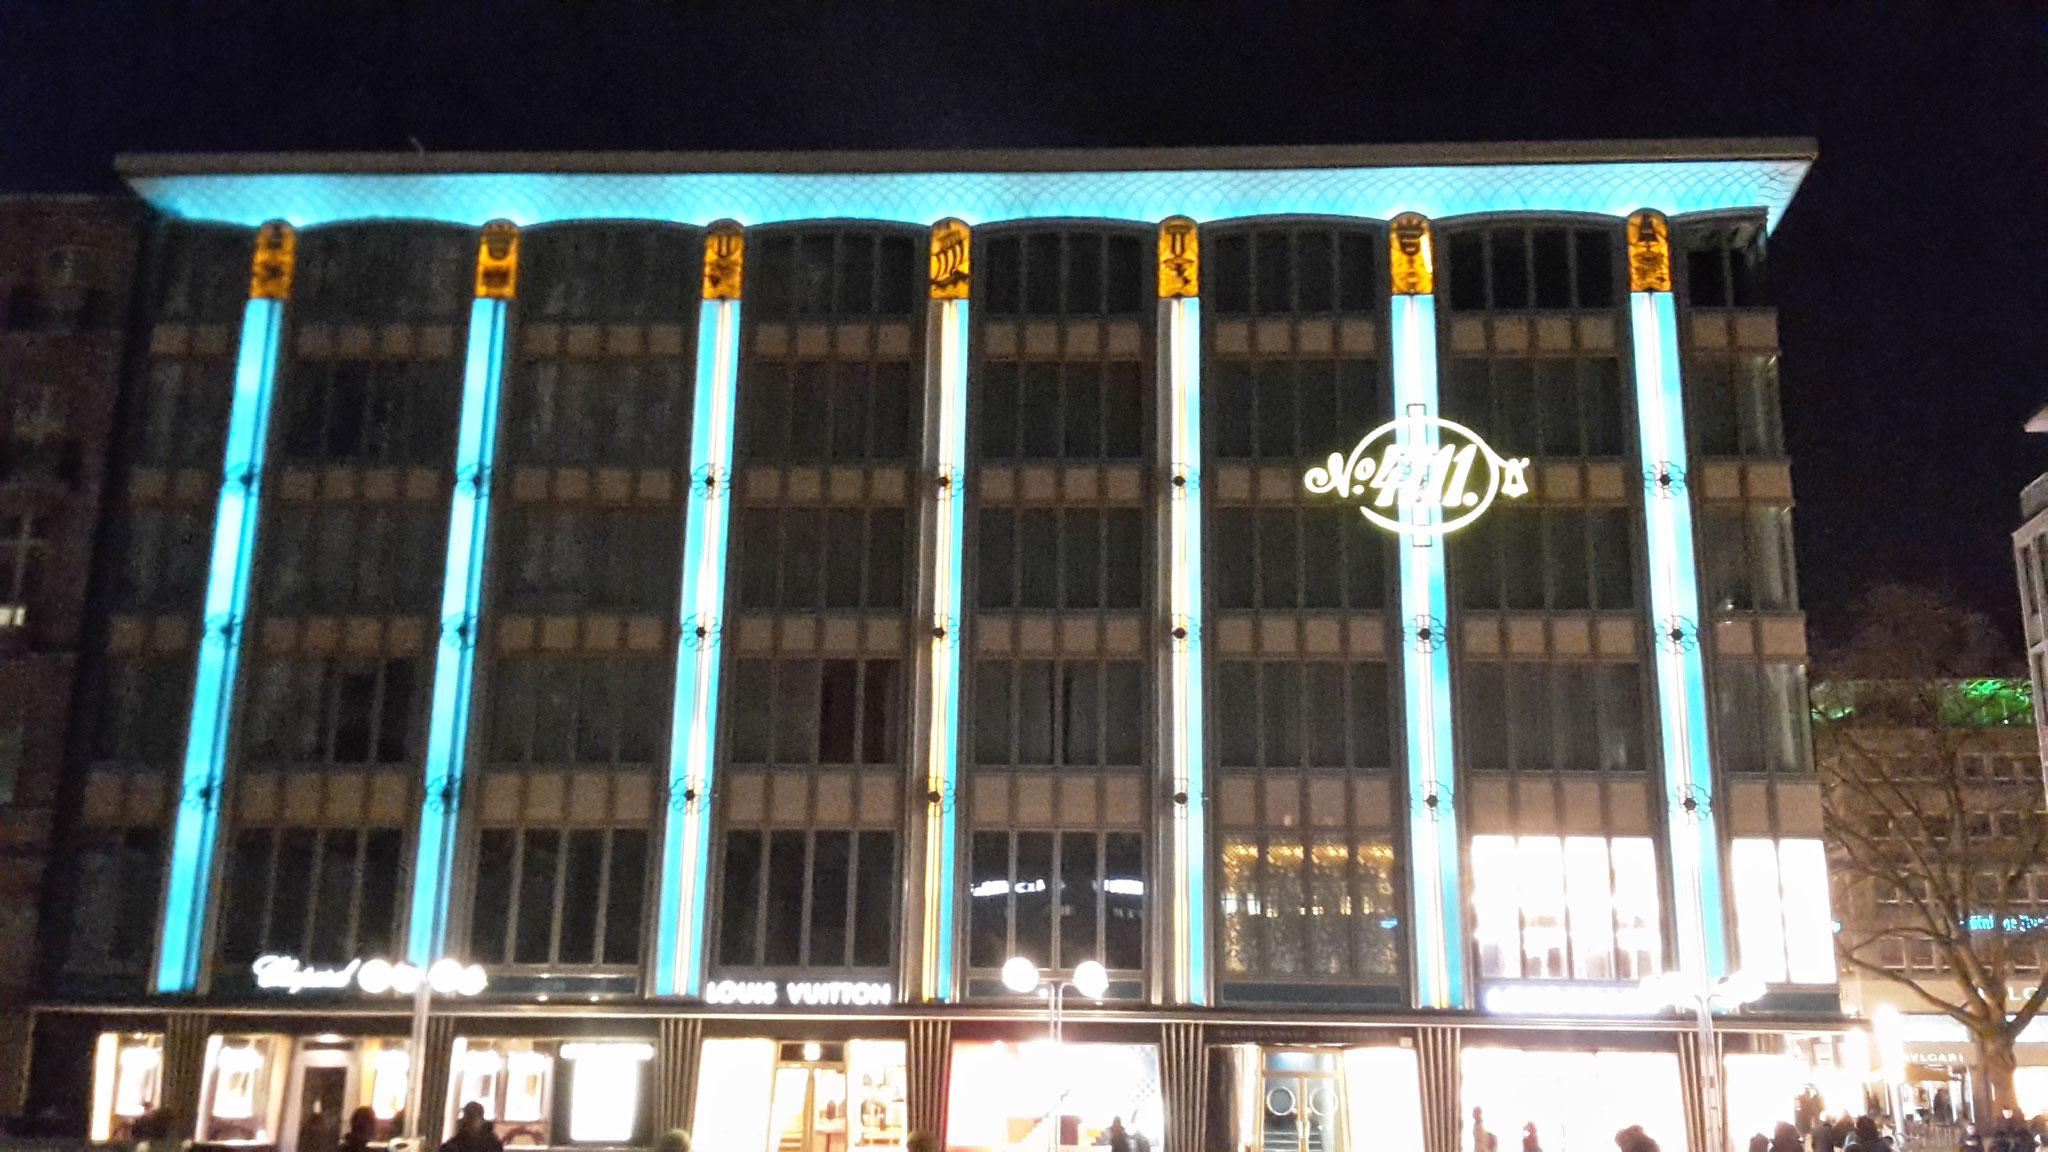 Führung Köln 50er-Jahre - Blau-Gold-Haus (1952), ein Meisterwerk - bei Nacht, indirekt beleuchtet